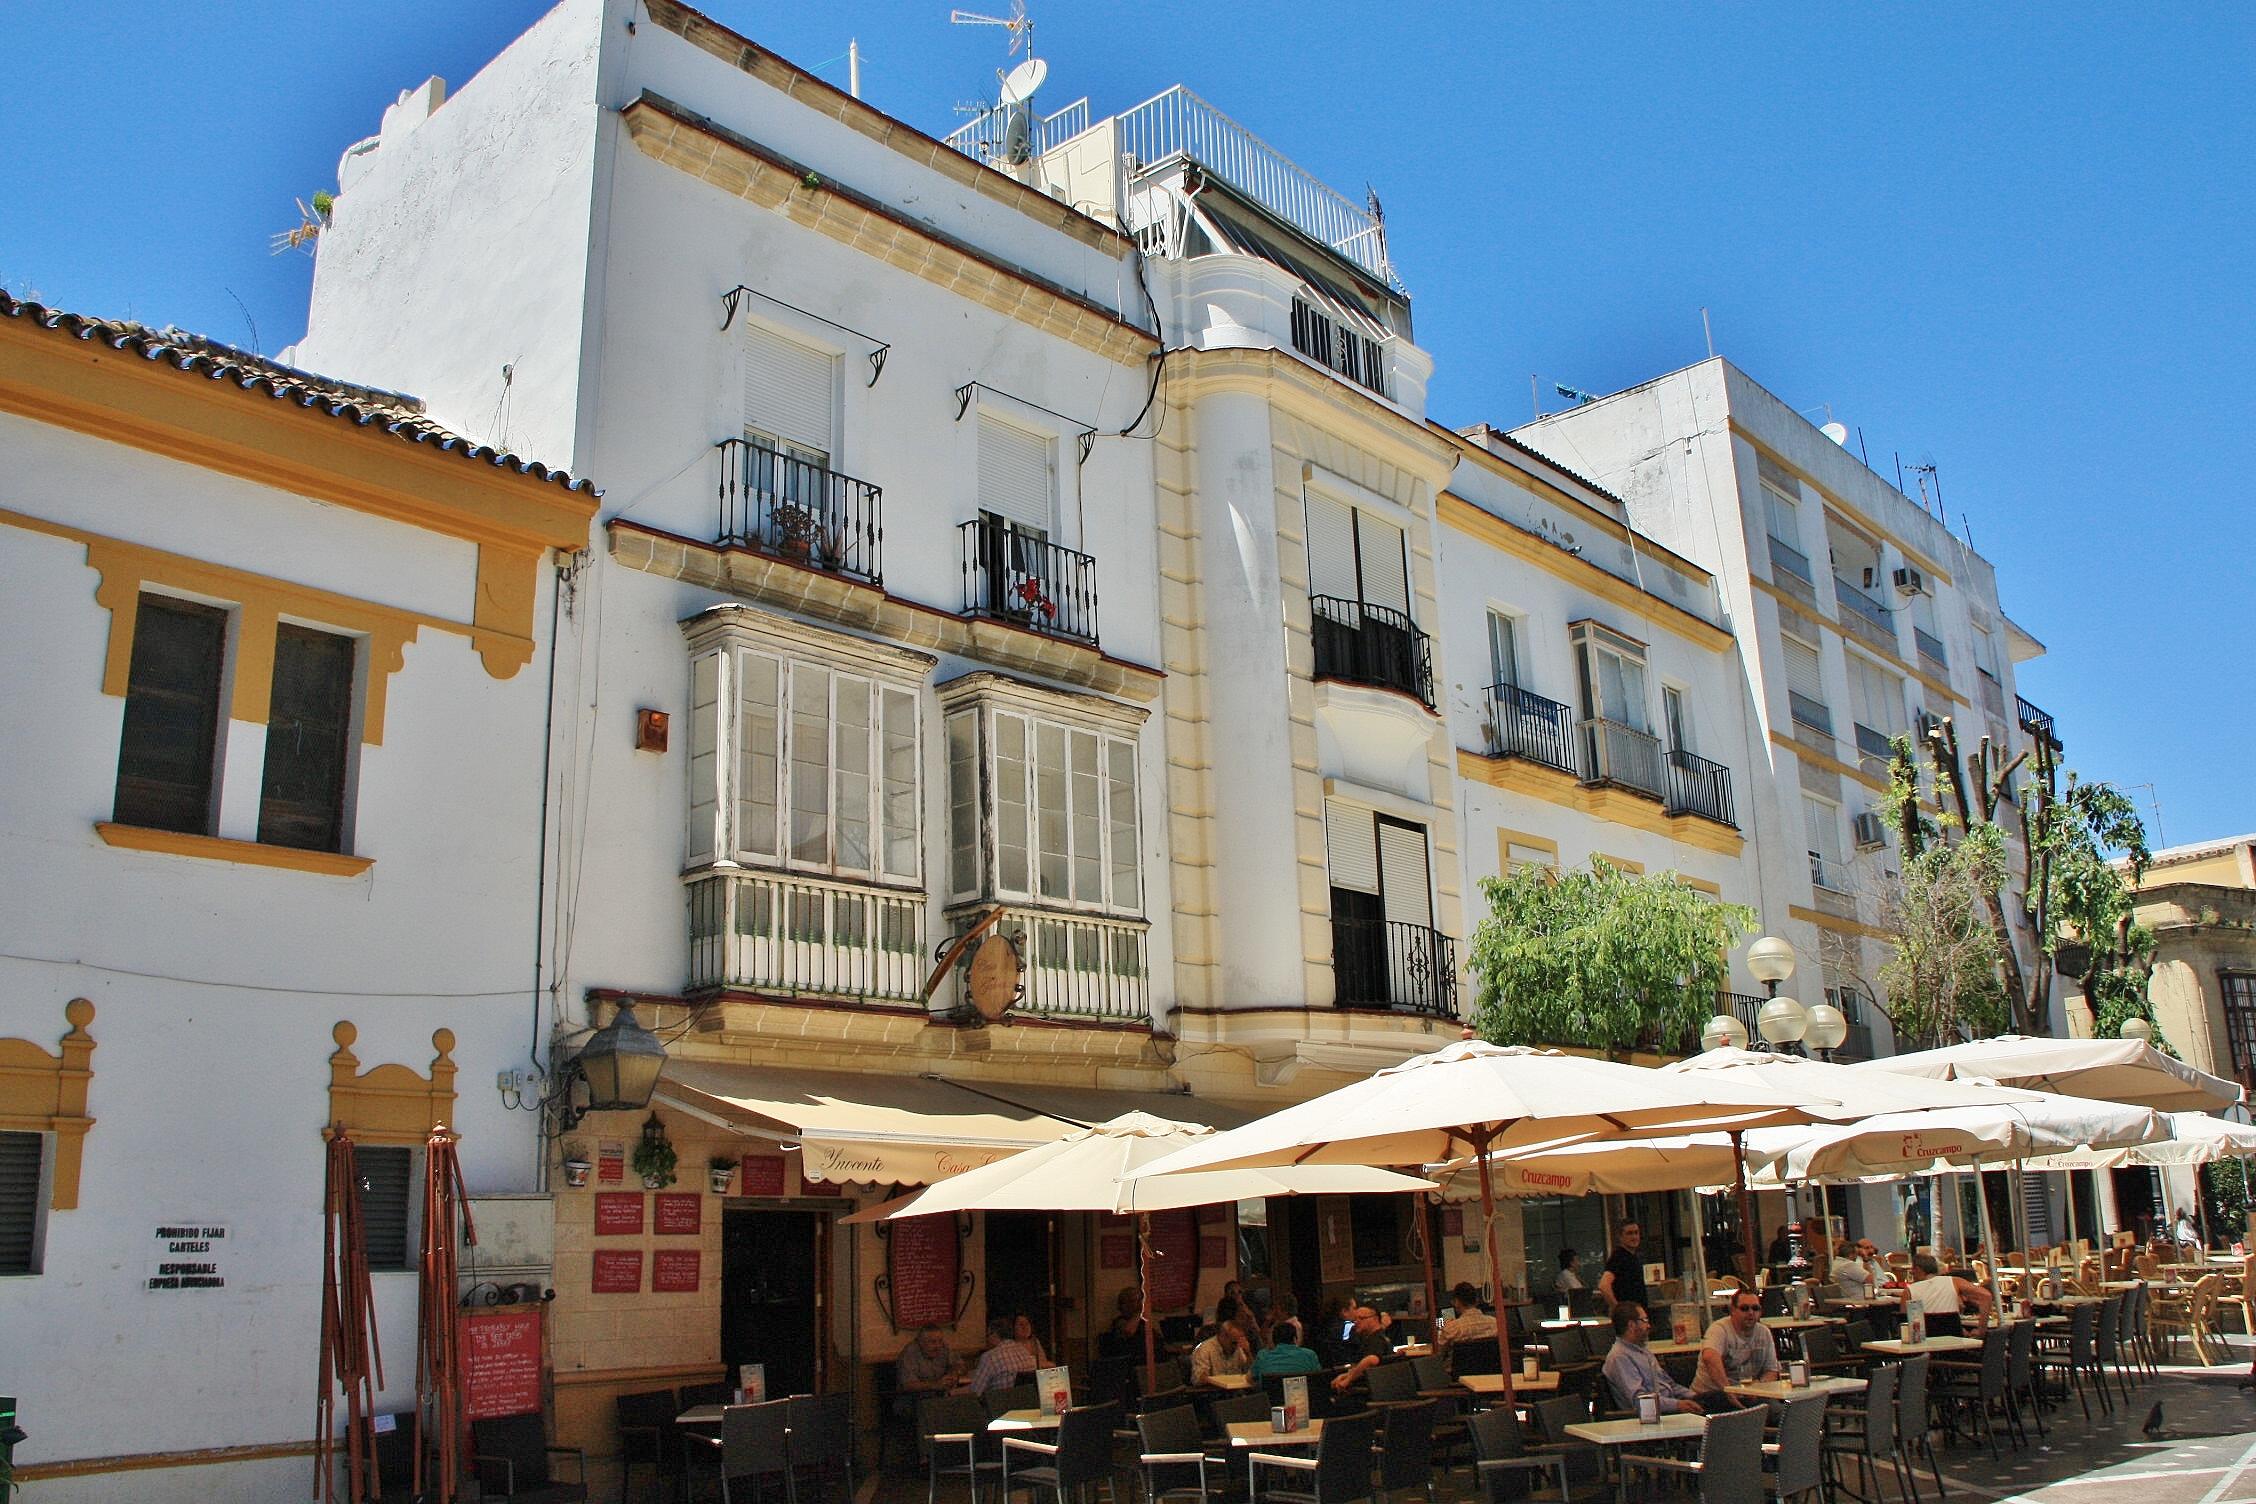 Foto centro hist rico jerez de la frontera c diz espa a - Centro historico de madrid ...